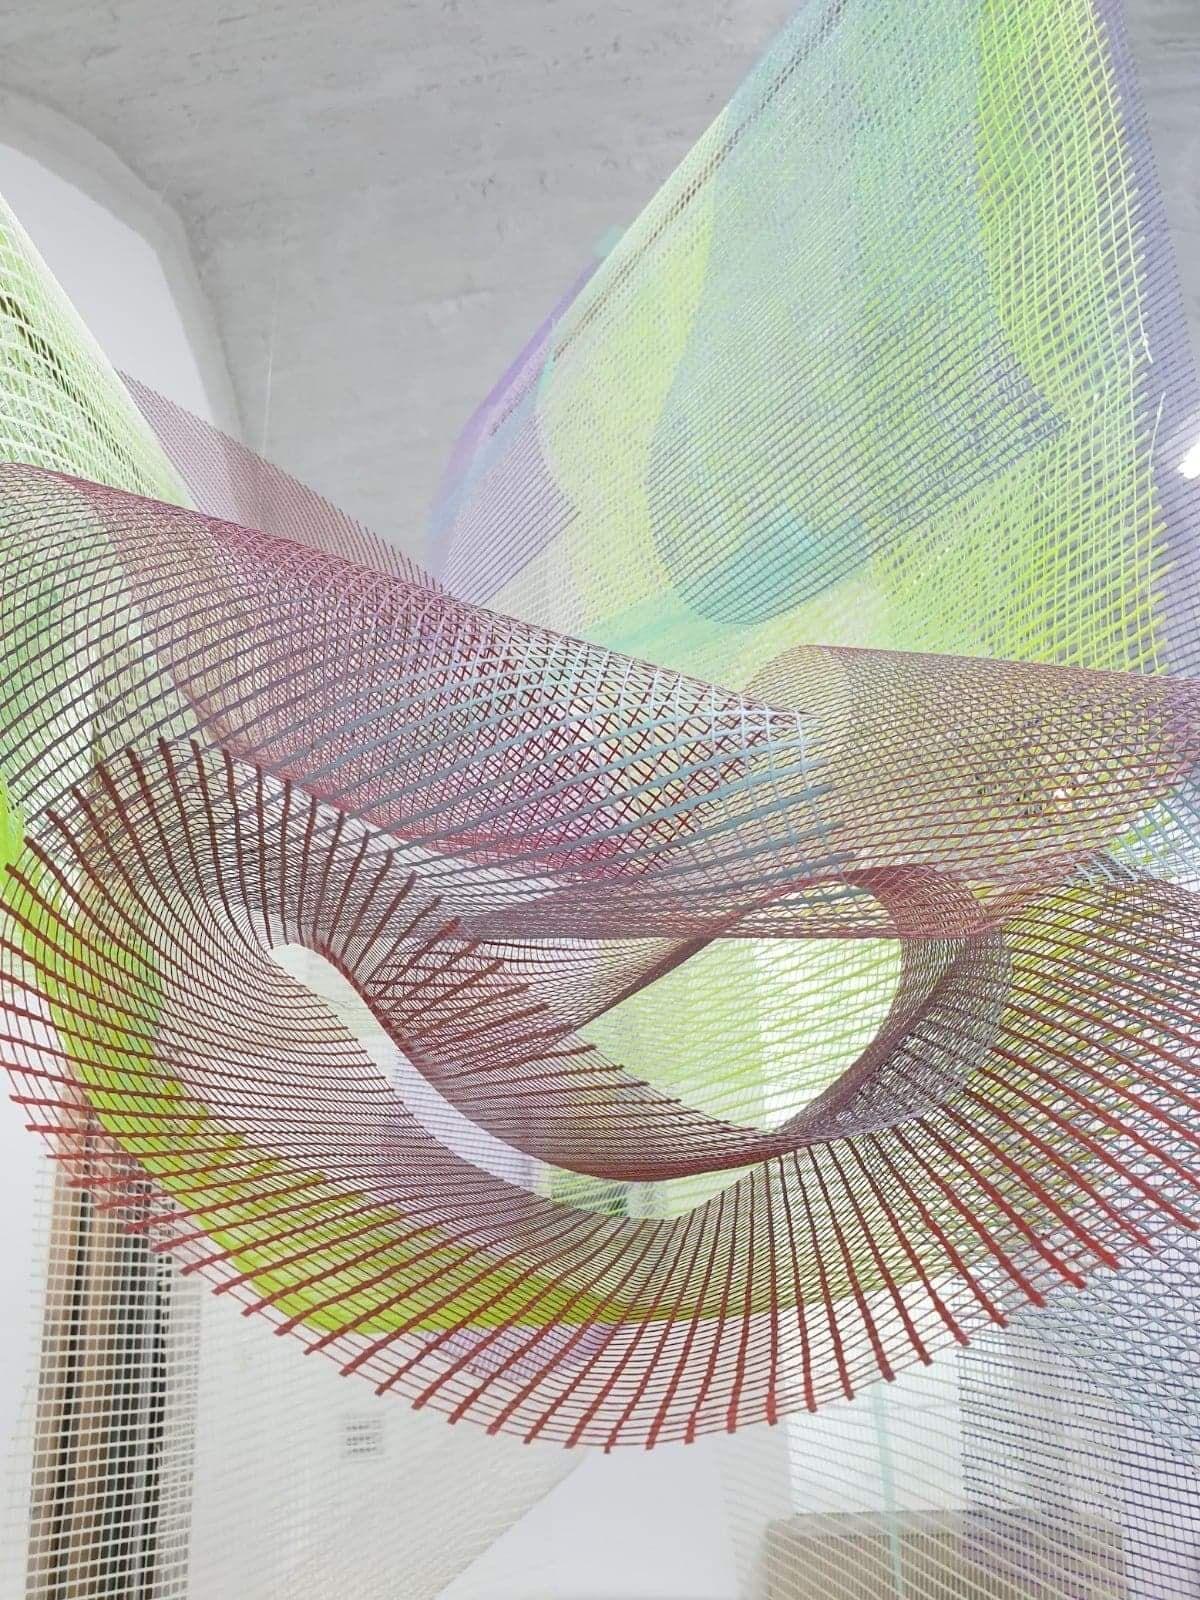 Nina Roussière - Suave, mari magne turbanlibus aequere, ventis..., 2020 (détail) - Les traces du futur - galerie chantiersBoîteNoire - © Photo Nina Roussière